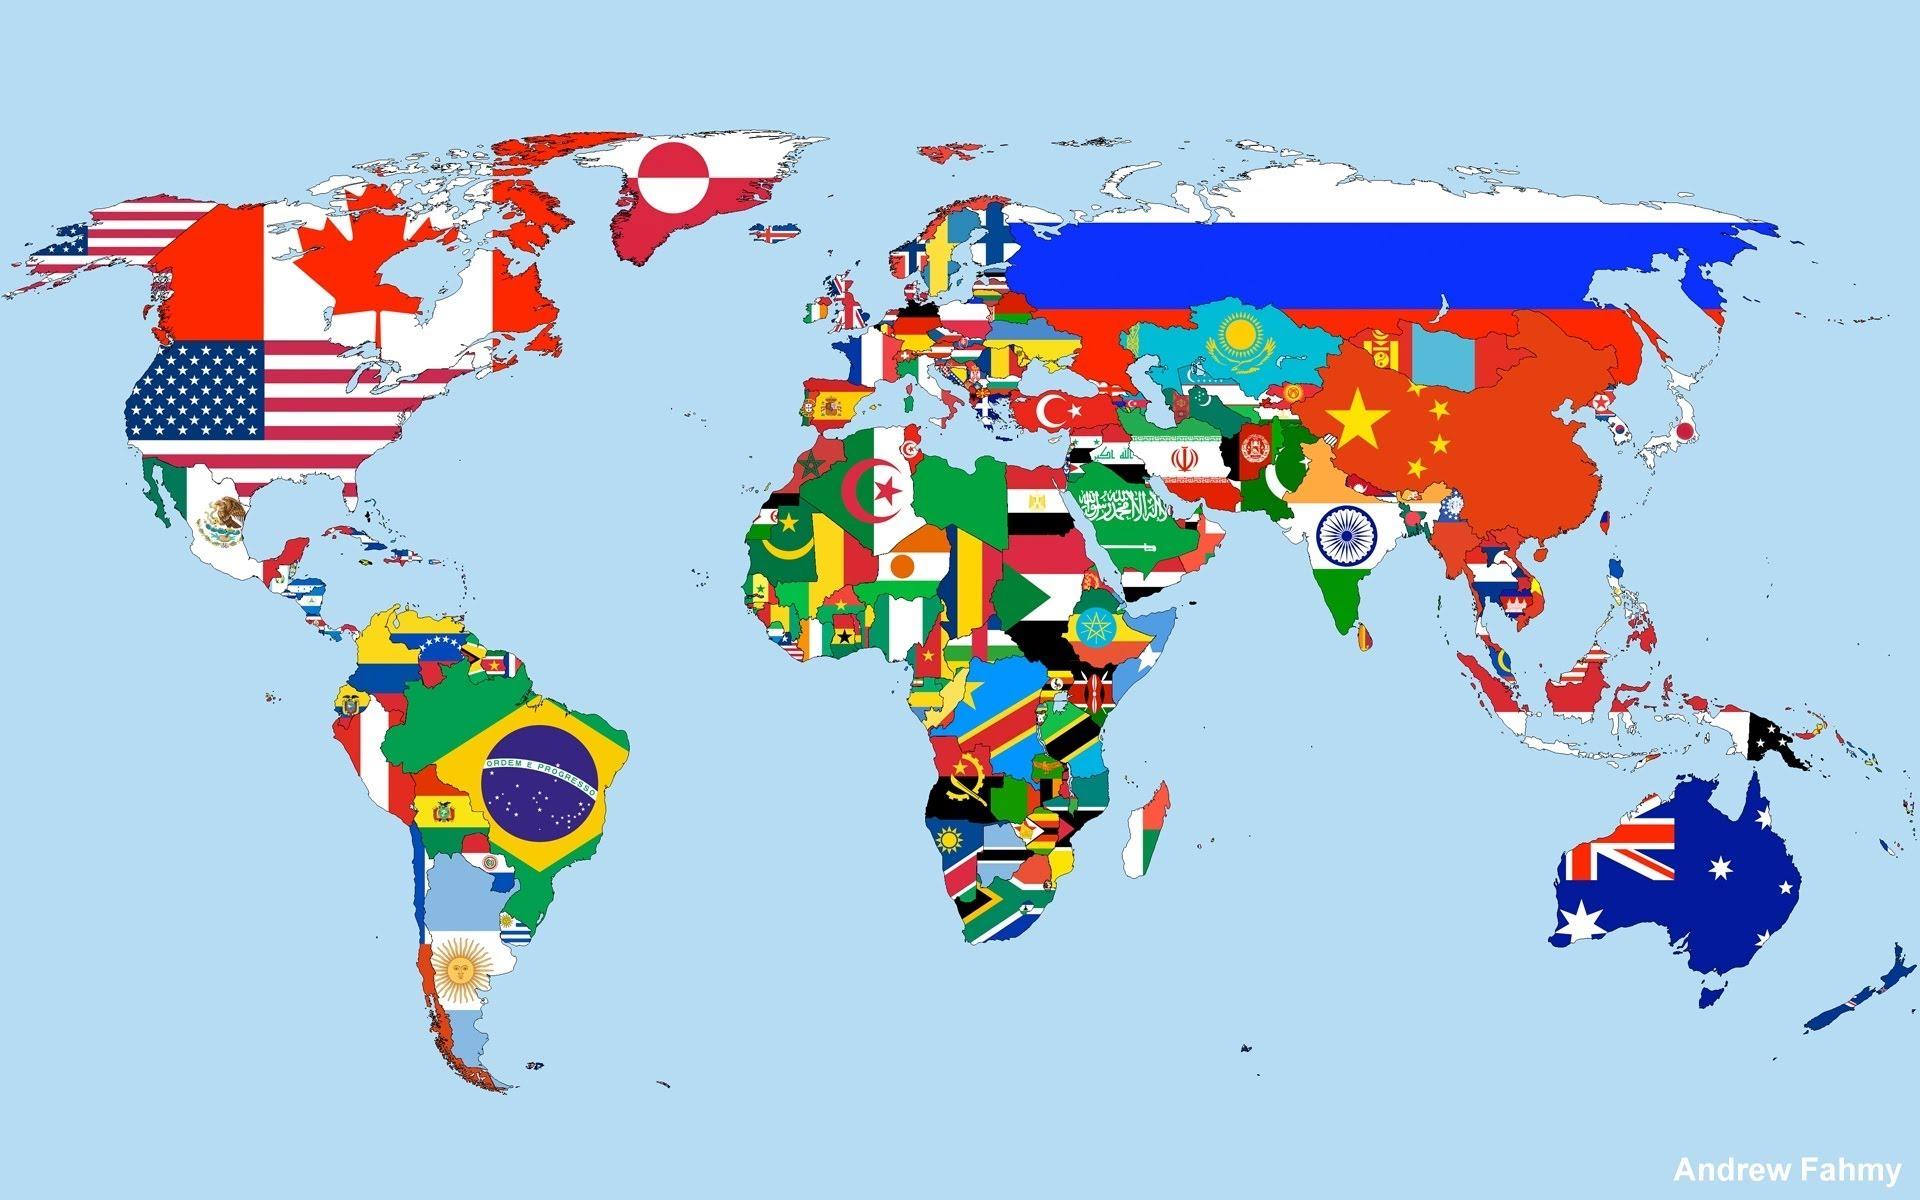 صورة خريطة العالم صماء , تعرف على خرائط العالم في ظل الحروب